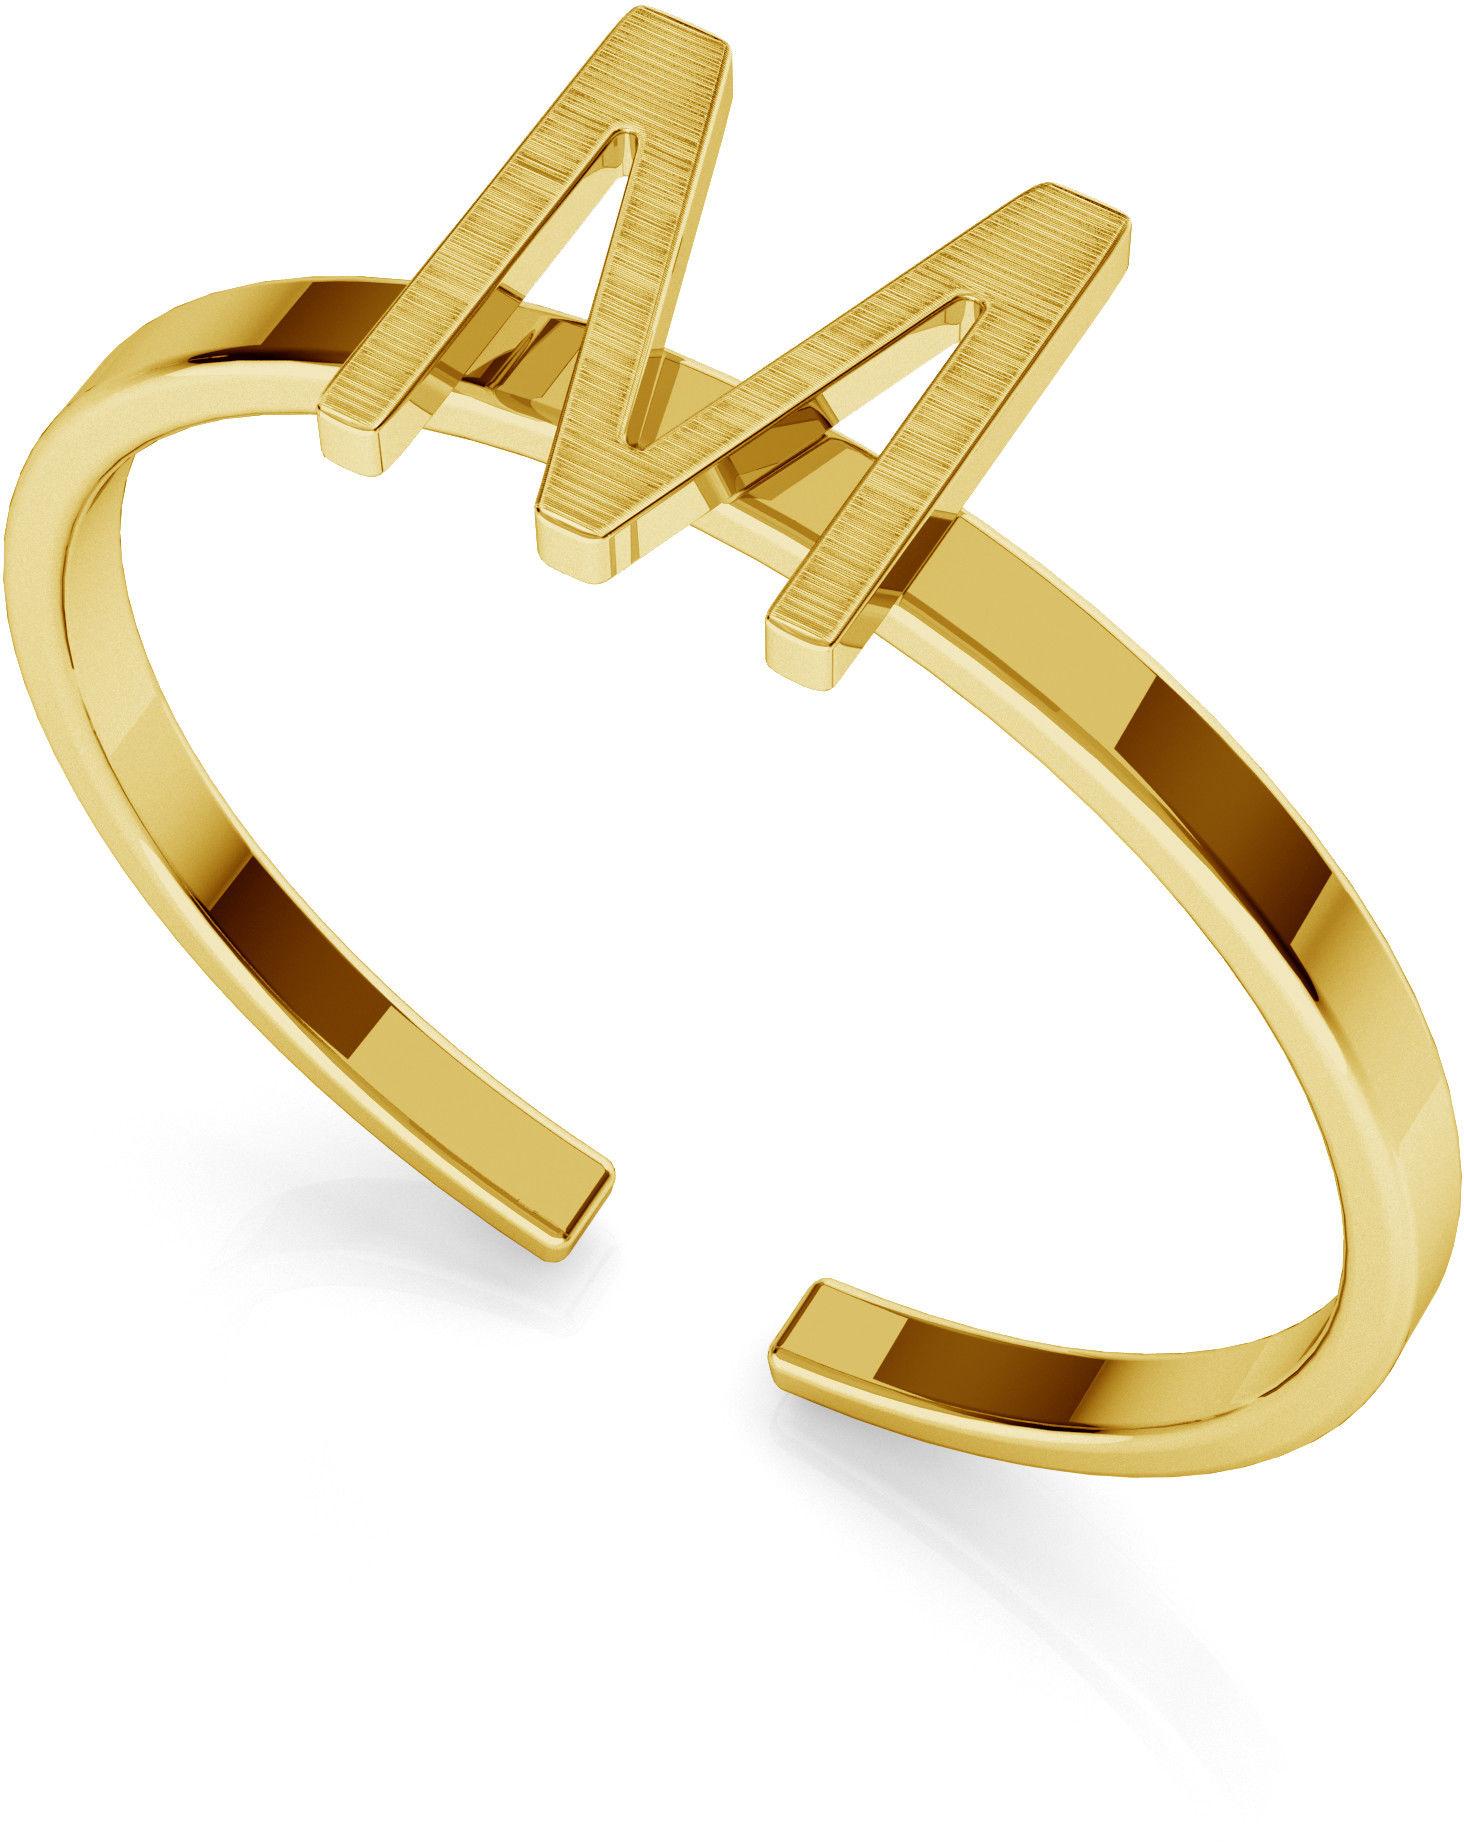 Srebrny pierścionek z literką My RING, srebro 925 : Litera - W, Srebro - kolor pokrycia - Pokrycie żółtym 18K złotem